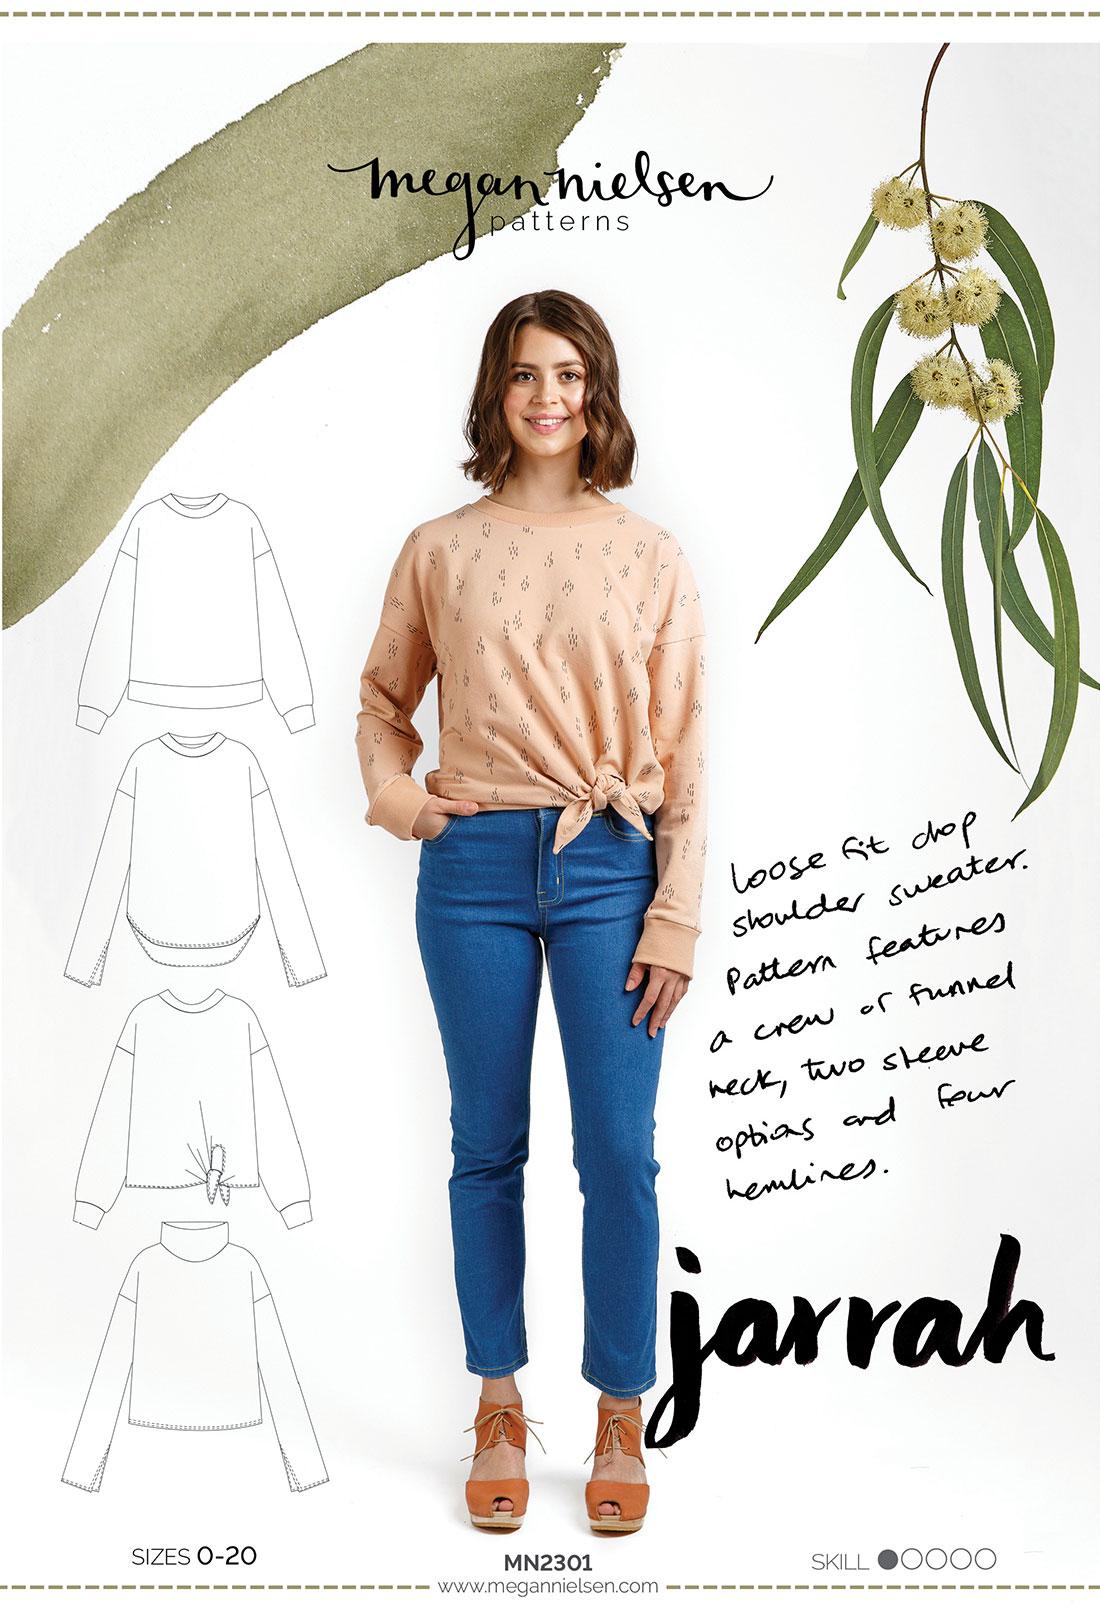 Jarrah envelope